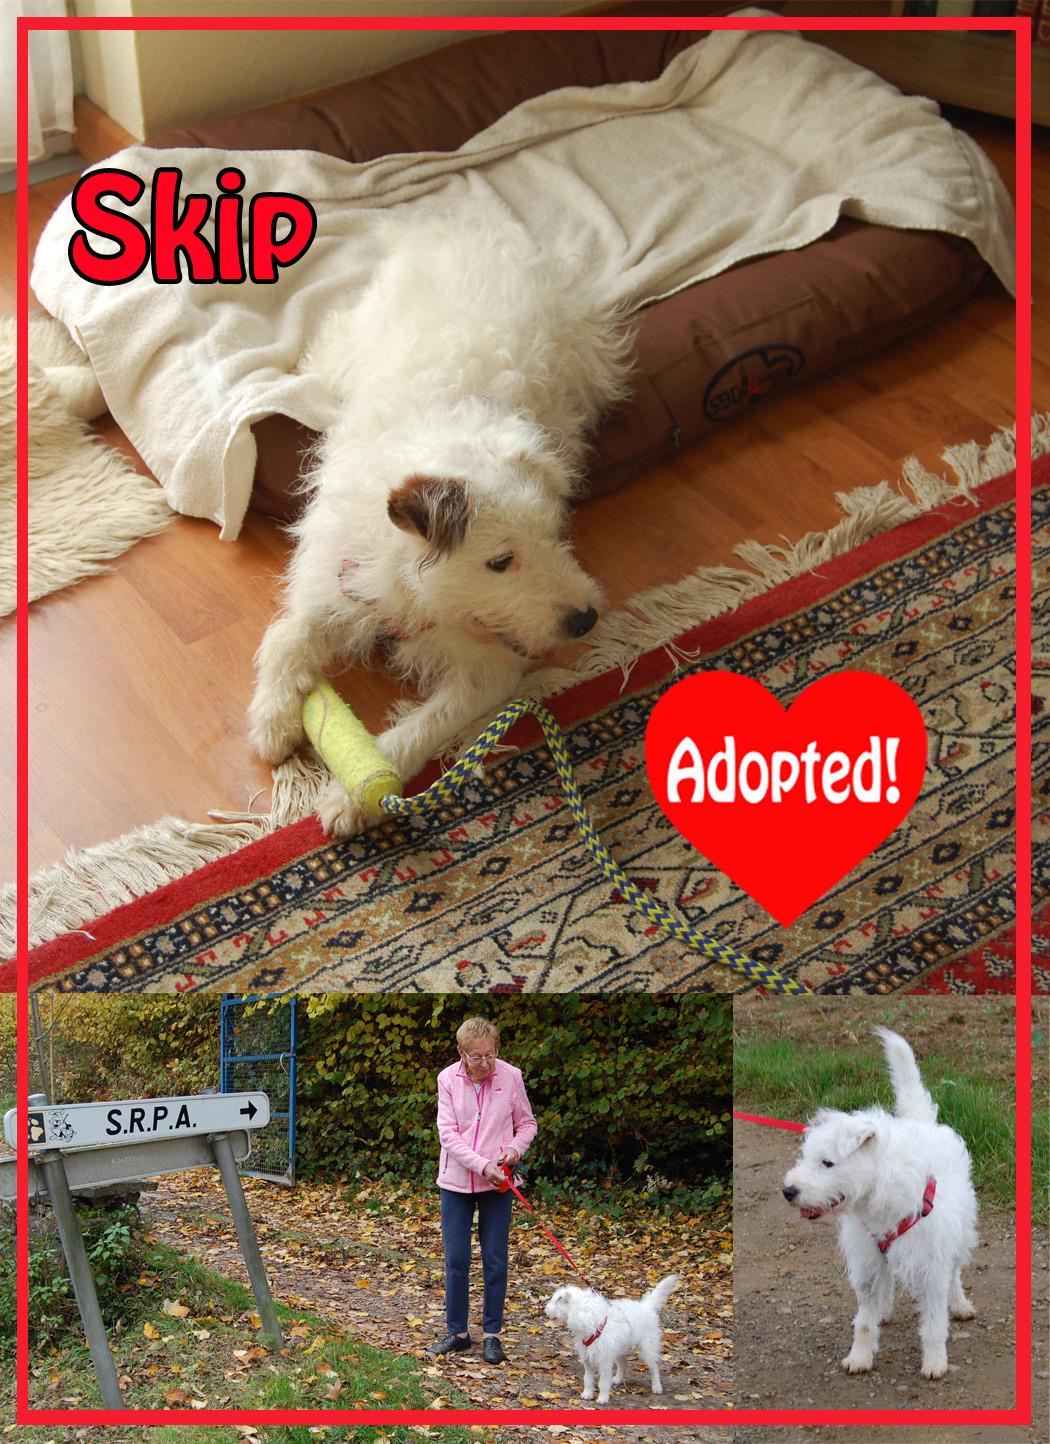 Skip Adopted copy